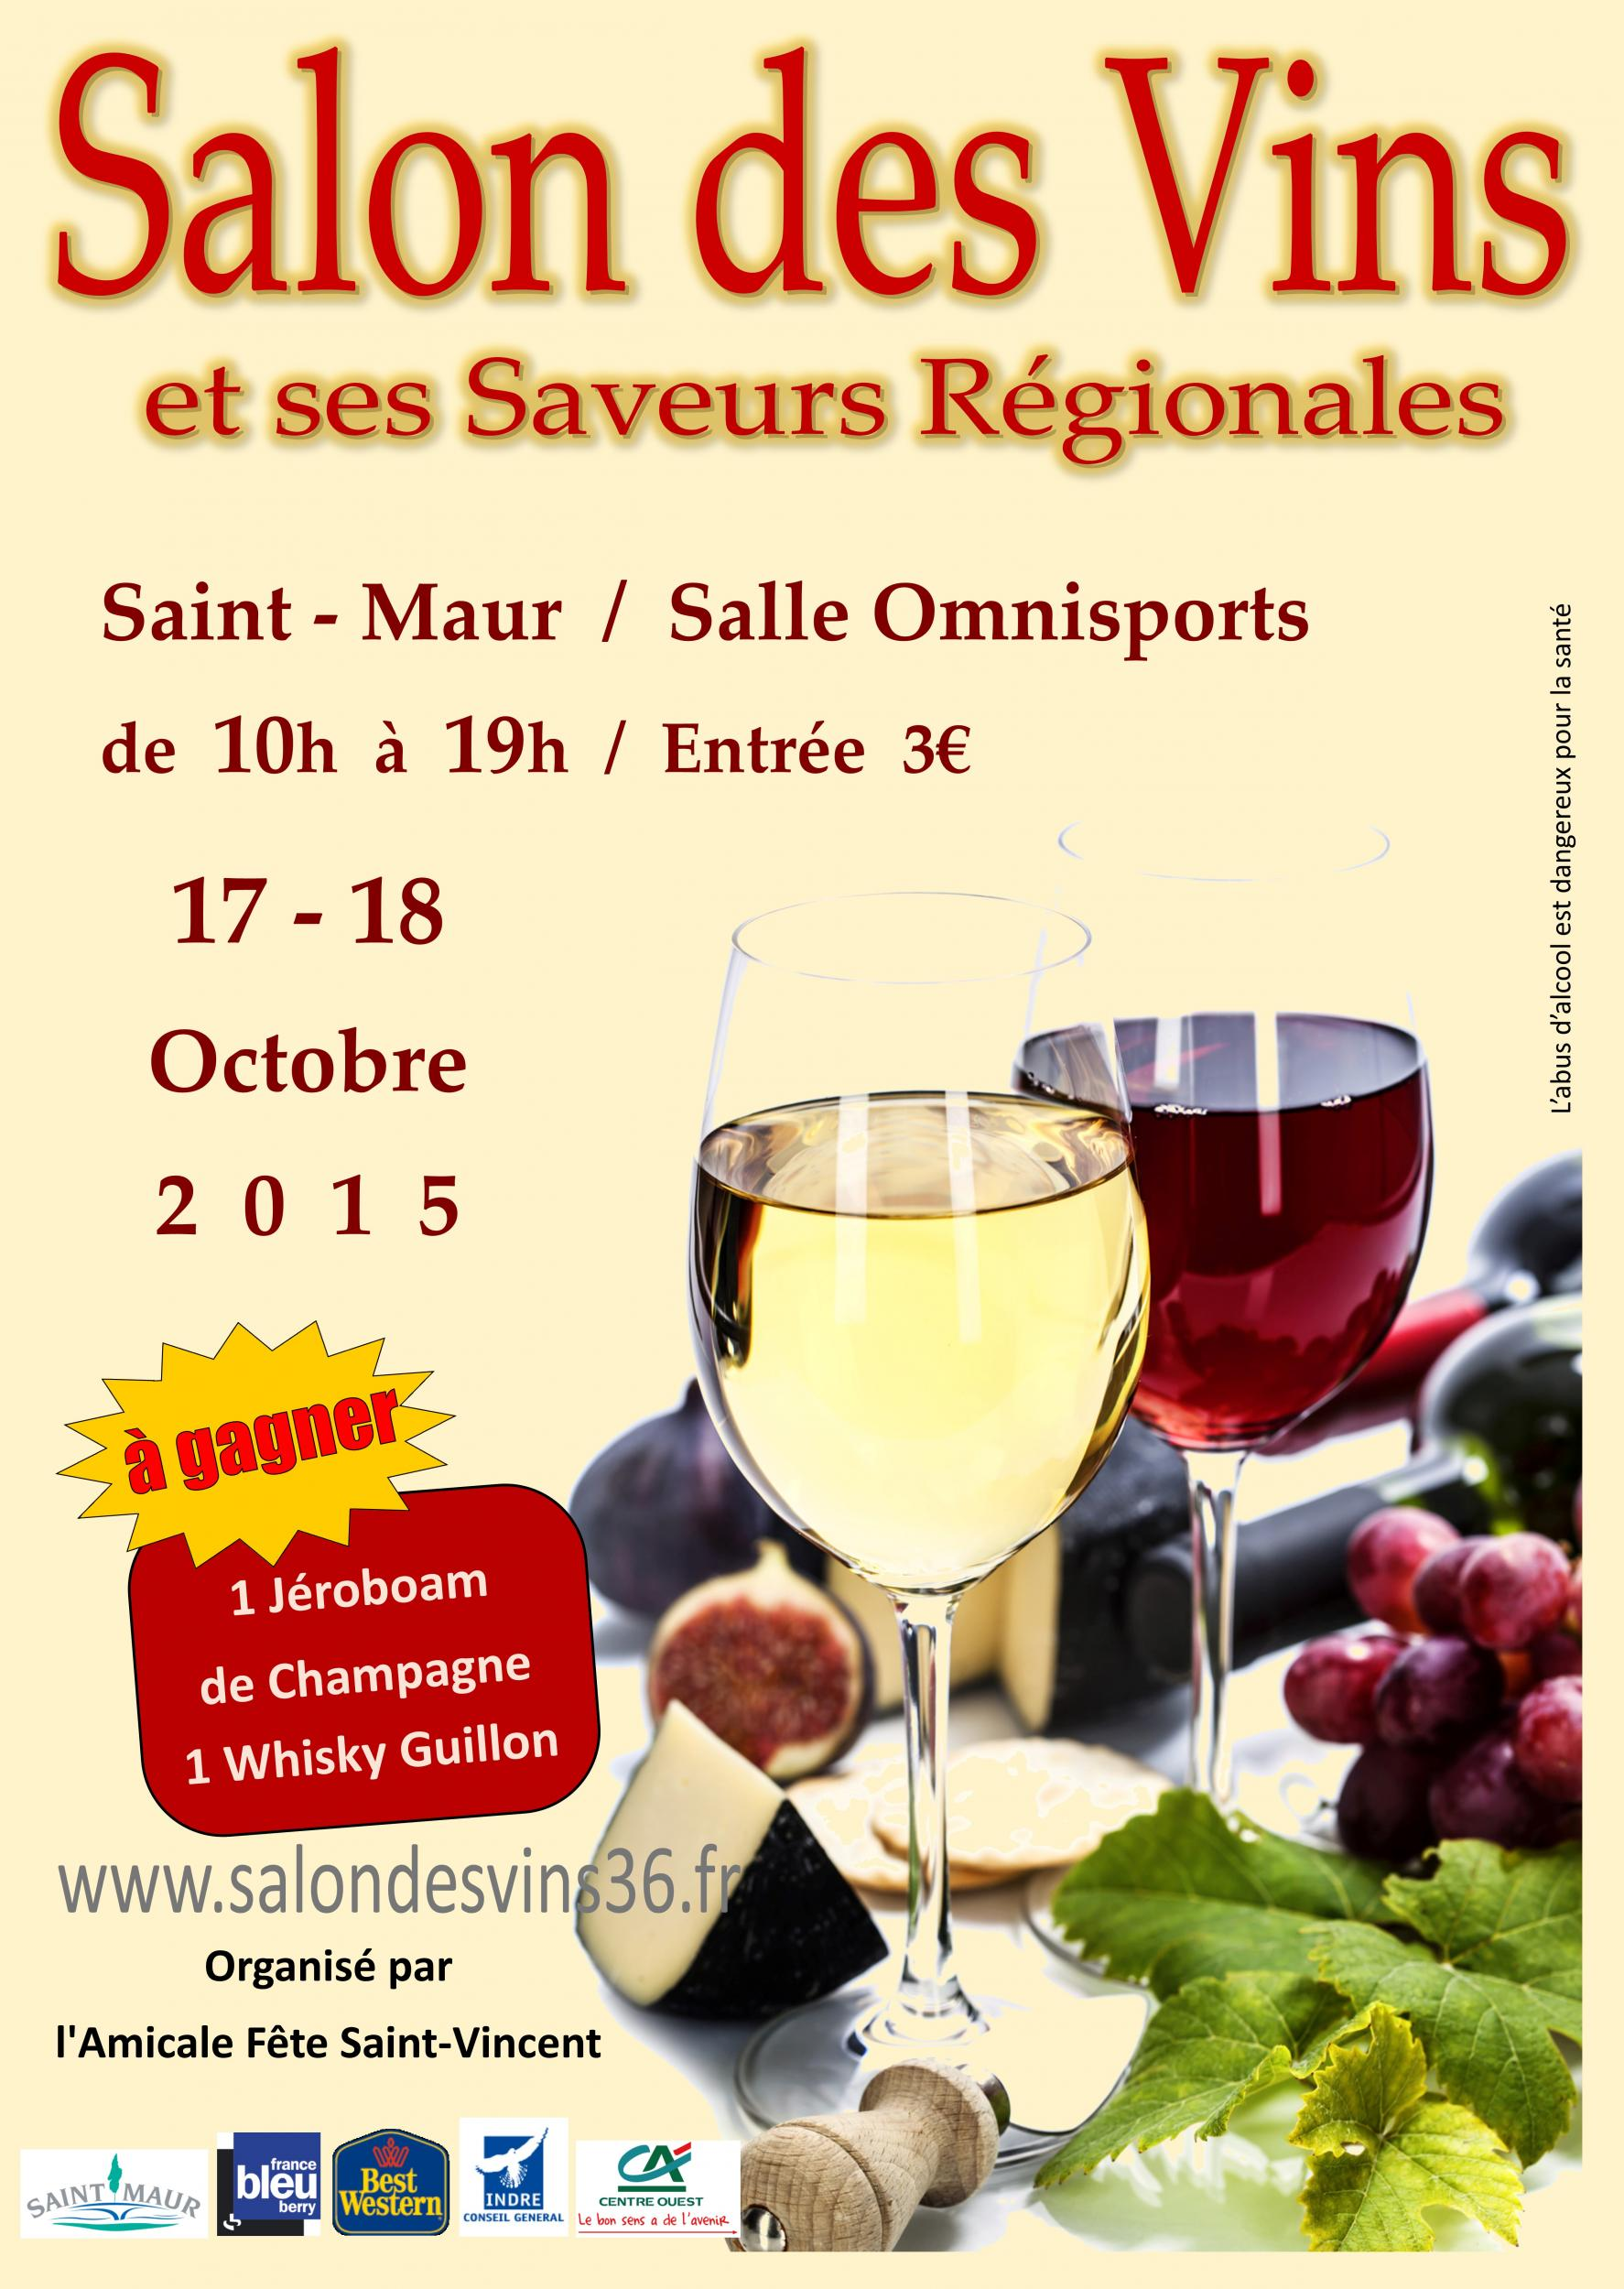 Salon des vins et ses saveurs r gionales 2015 mon viti for Calendrier salon des vins